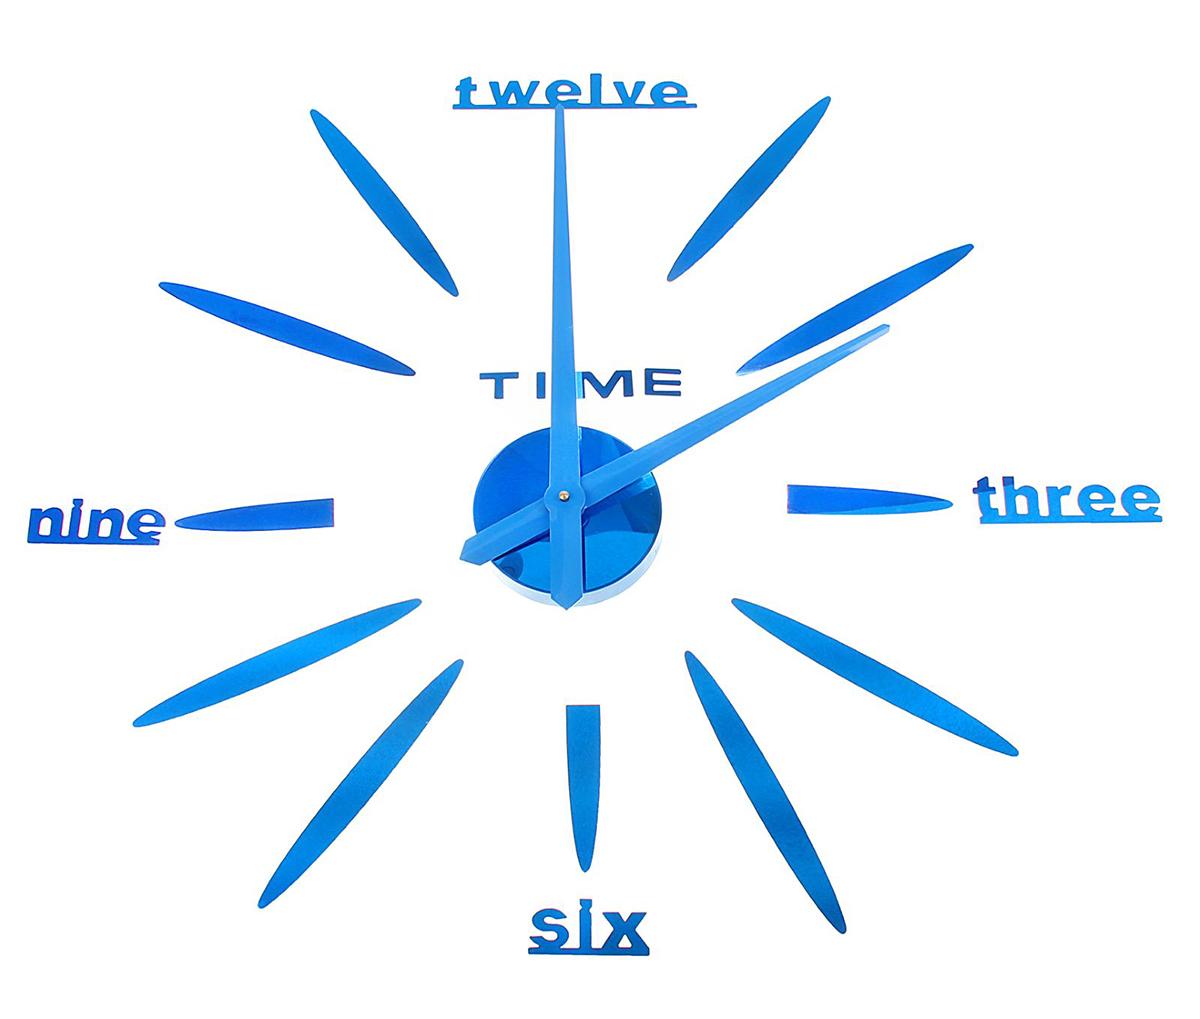 Часы-наклейка настенные DIY Объем модерн, цвет: лазурь, 120 см1306703Часы-наклейки продолжают завоевывать популярность по всему миру. Их используют вместо картин, постеров или рамок для фото. Такой элемент декора впишется в любой интерьер и преобразит комнату за считанные минуты. Преимущества При желании размеры изделия можно изменить в большую или меньшую сторону. Все элементы легко наклеиваются и снимаются. Подходят для любых ровных поверхностей (стен, потолков, кафеля, стекла, мебели). Характеристики Механизм работает от одной батарейки АА (не входит в комплект). Легкая основа для цифр надежно крепится. Размеры стрелок Минутная: 38,8 см. Часовая: 37,5 см. Создавайте часы в собственном стиле, проявляйте изобретательность и креативность. Не обязательно располагать числа по кругу — придайте аксессуару необычную форму, поменяйте диаметр циферблата, используйте не все элементы. Комплектующие легко клеятся на стену и без труда снимаются, поэтому смело воплощайте идеи в жизнь! У вас всегда будет возможность отсоединить детали и сделать все заново.Часы-наклейка DIY Объём модерн, лазурь, 120см 1306703